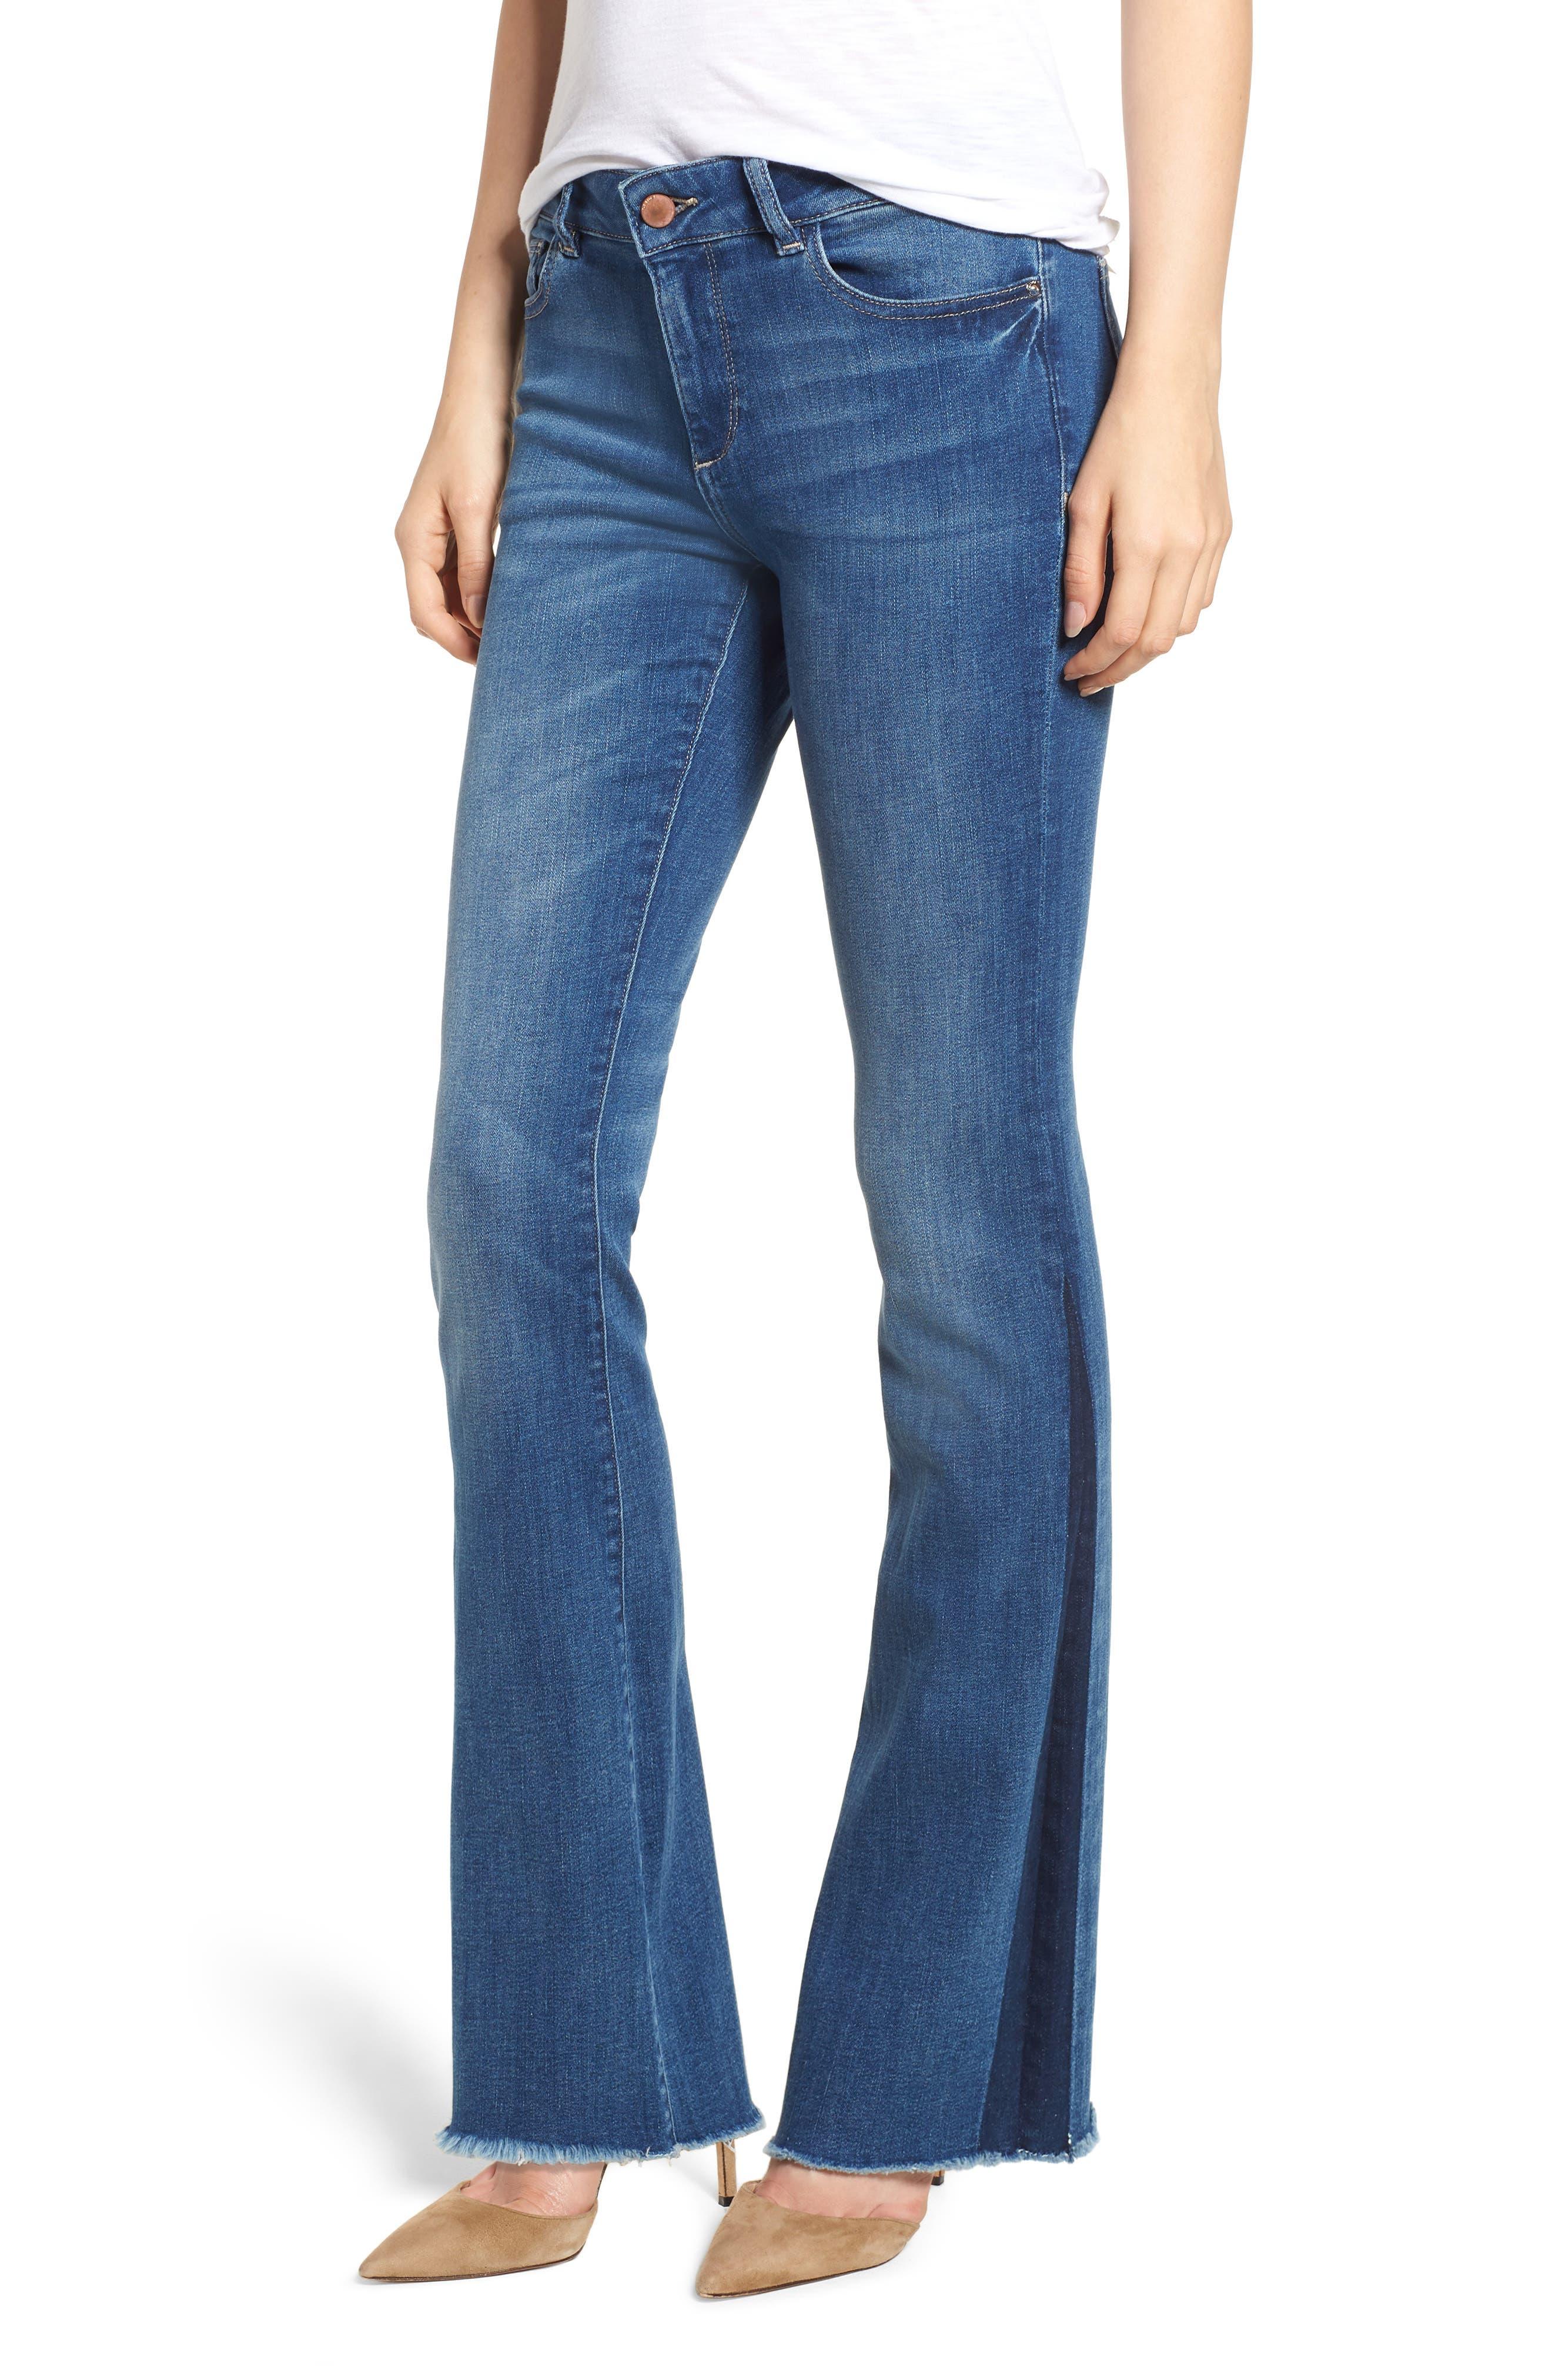 Bridget Instasculpt Bootcut Jeans,                             Main thumbnail 1, color,                             425